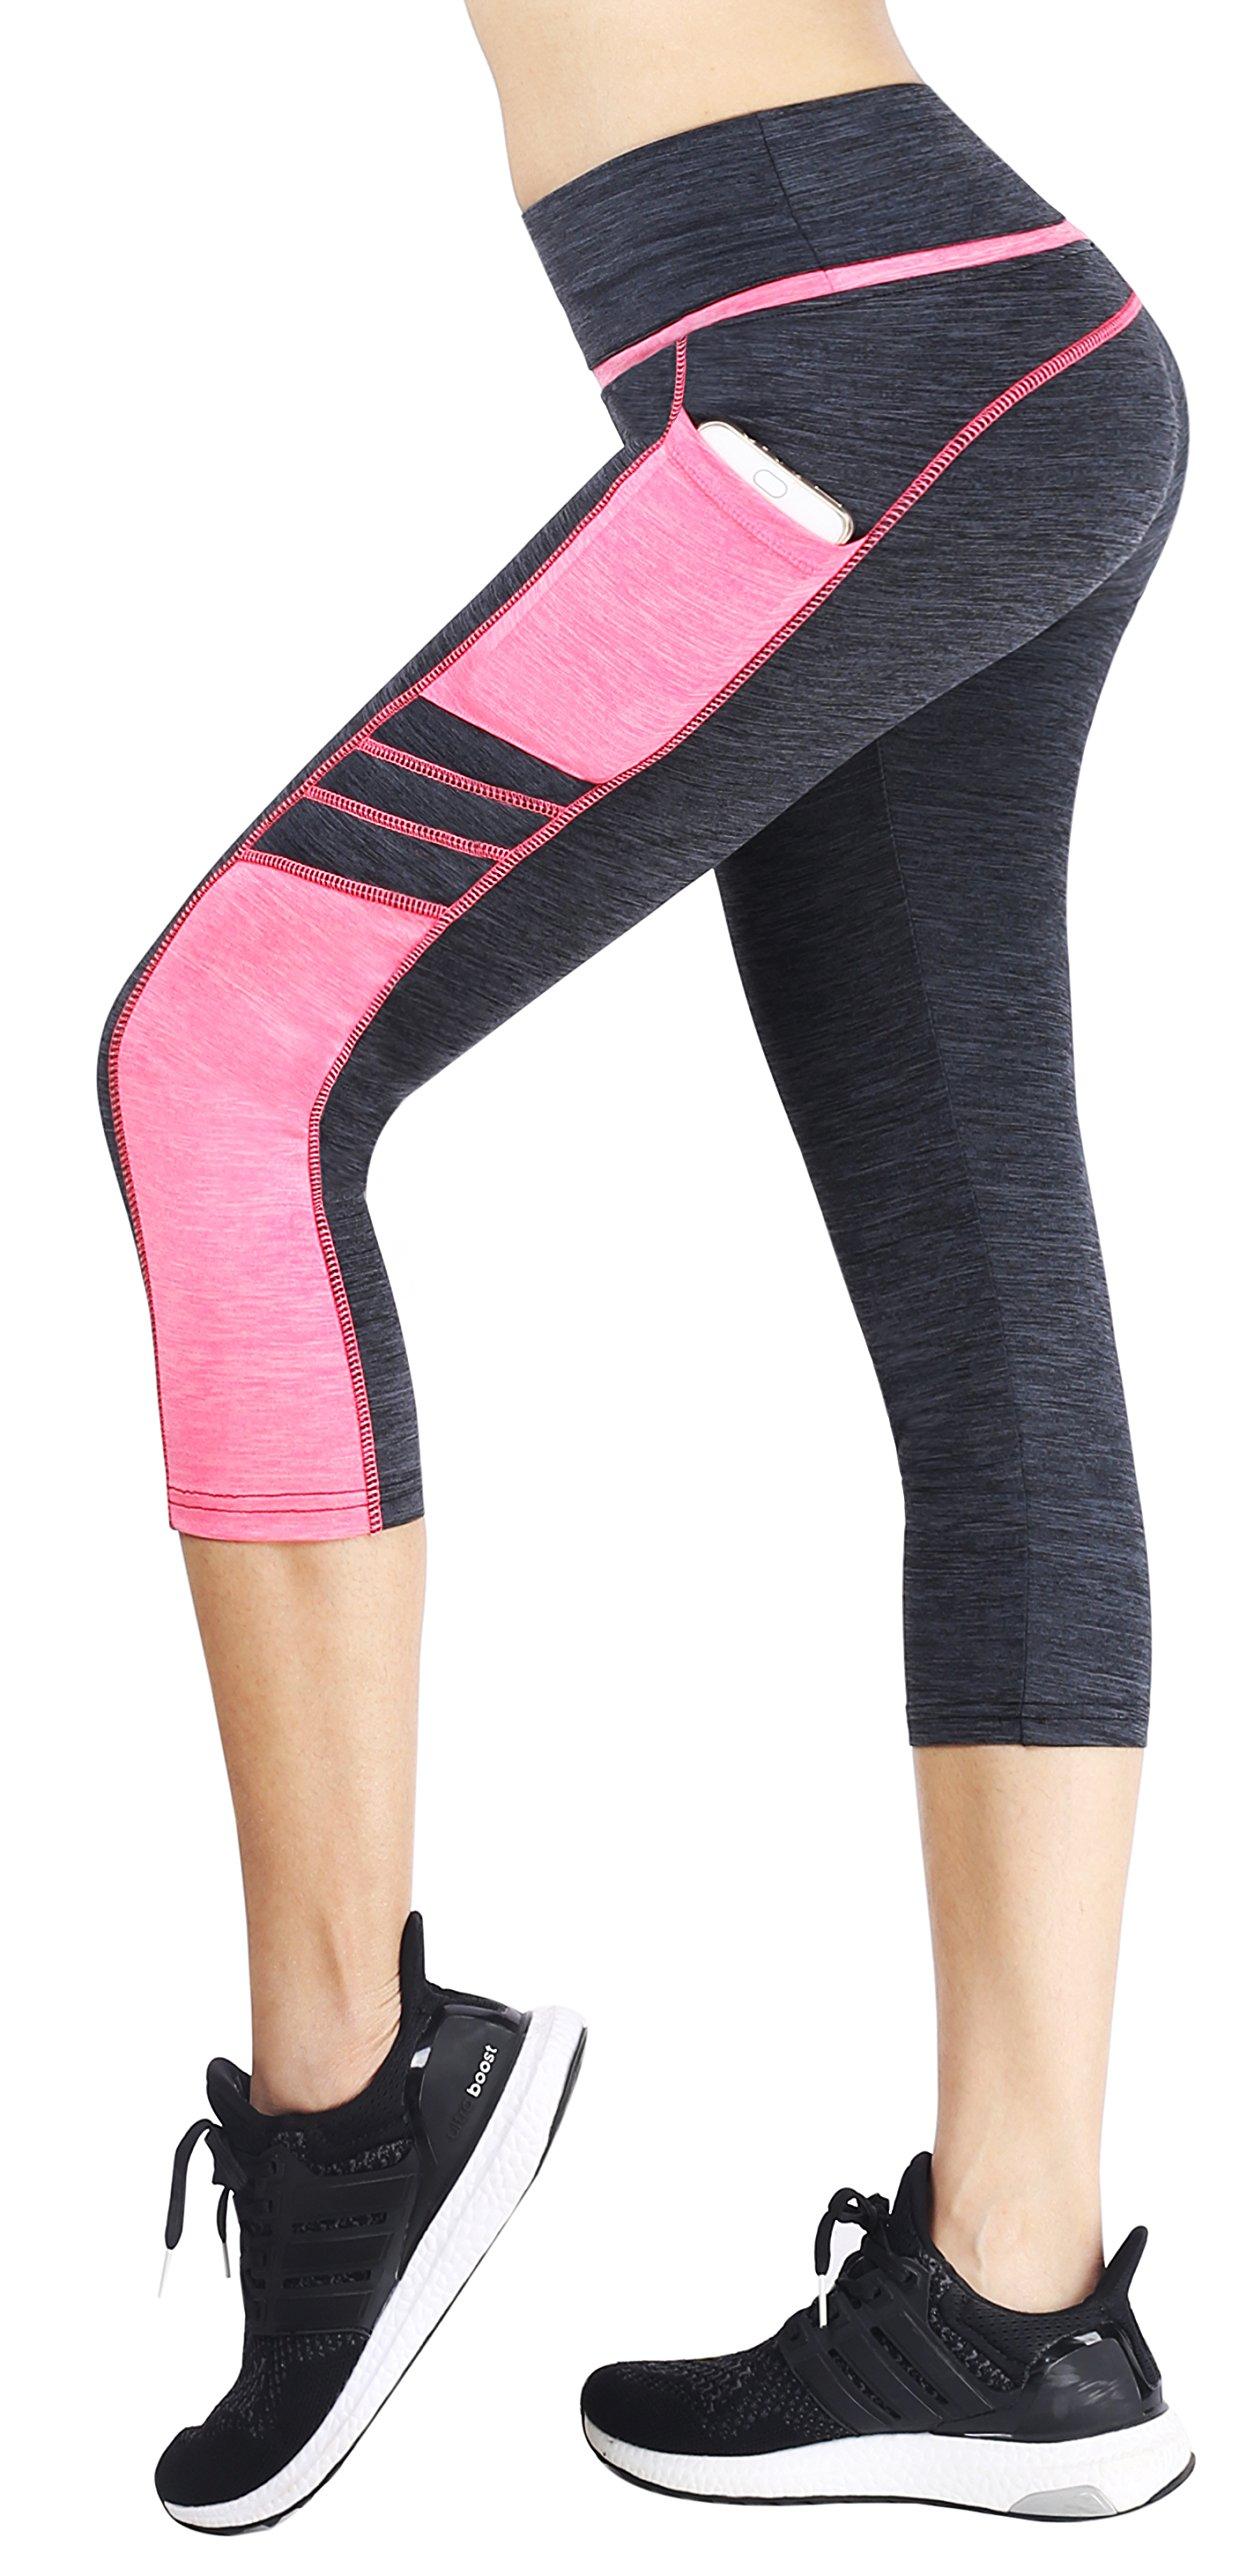 Sugar Pocket Women's Capris Tights Workout Running Leggings Yoga Pants XL (Grey/Pink)